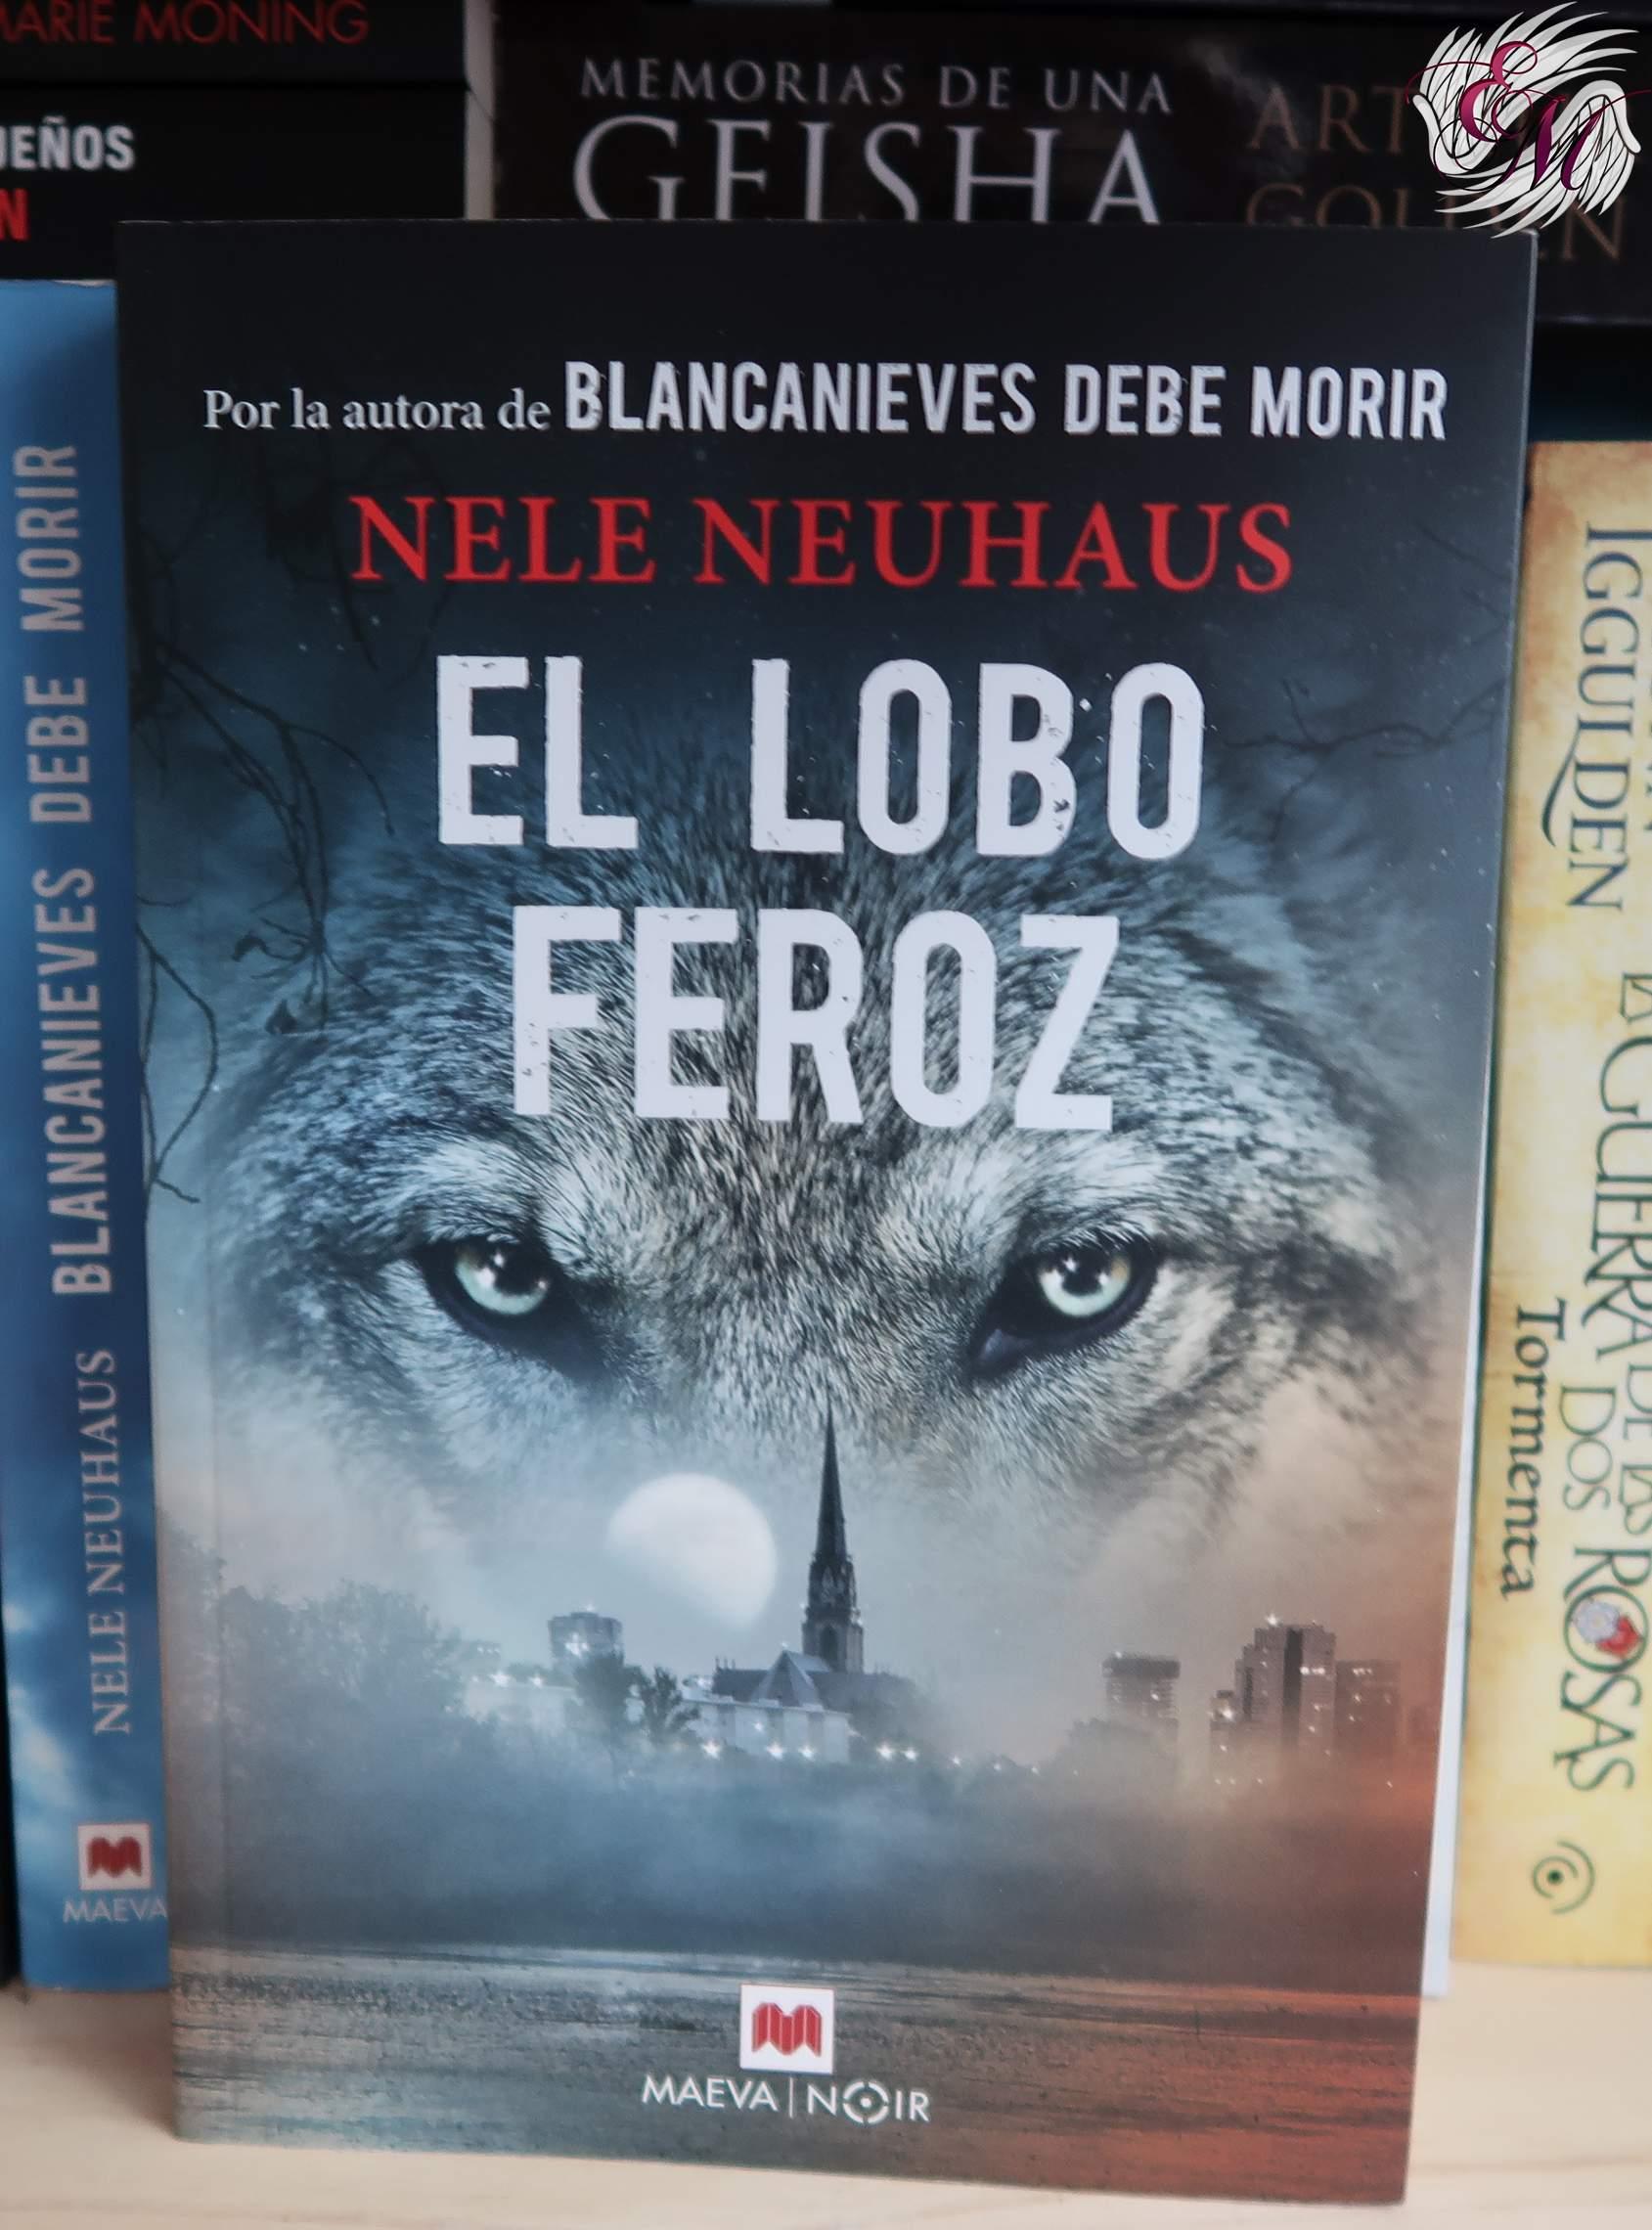 El Lobo Feroz, de Nele Neuhaus - Reseña